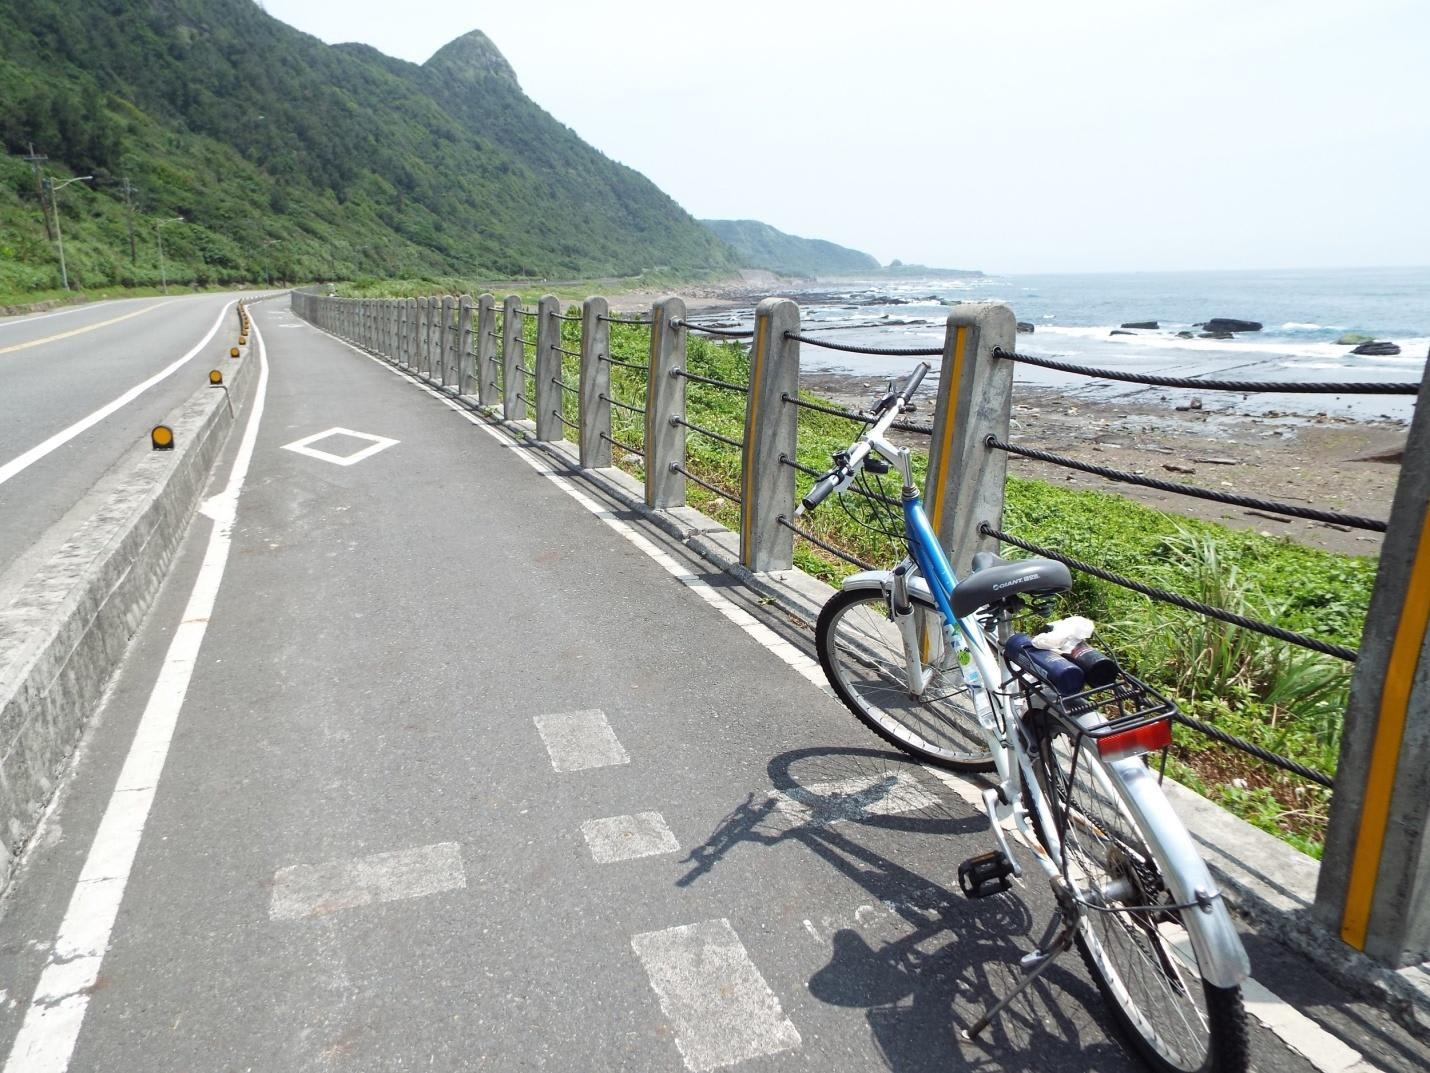 xe đạp dựng trên đường cạnh bờ biển